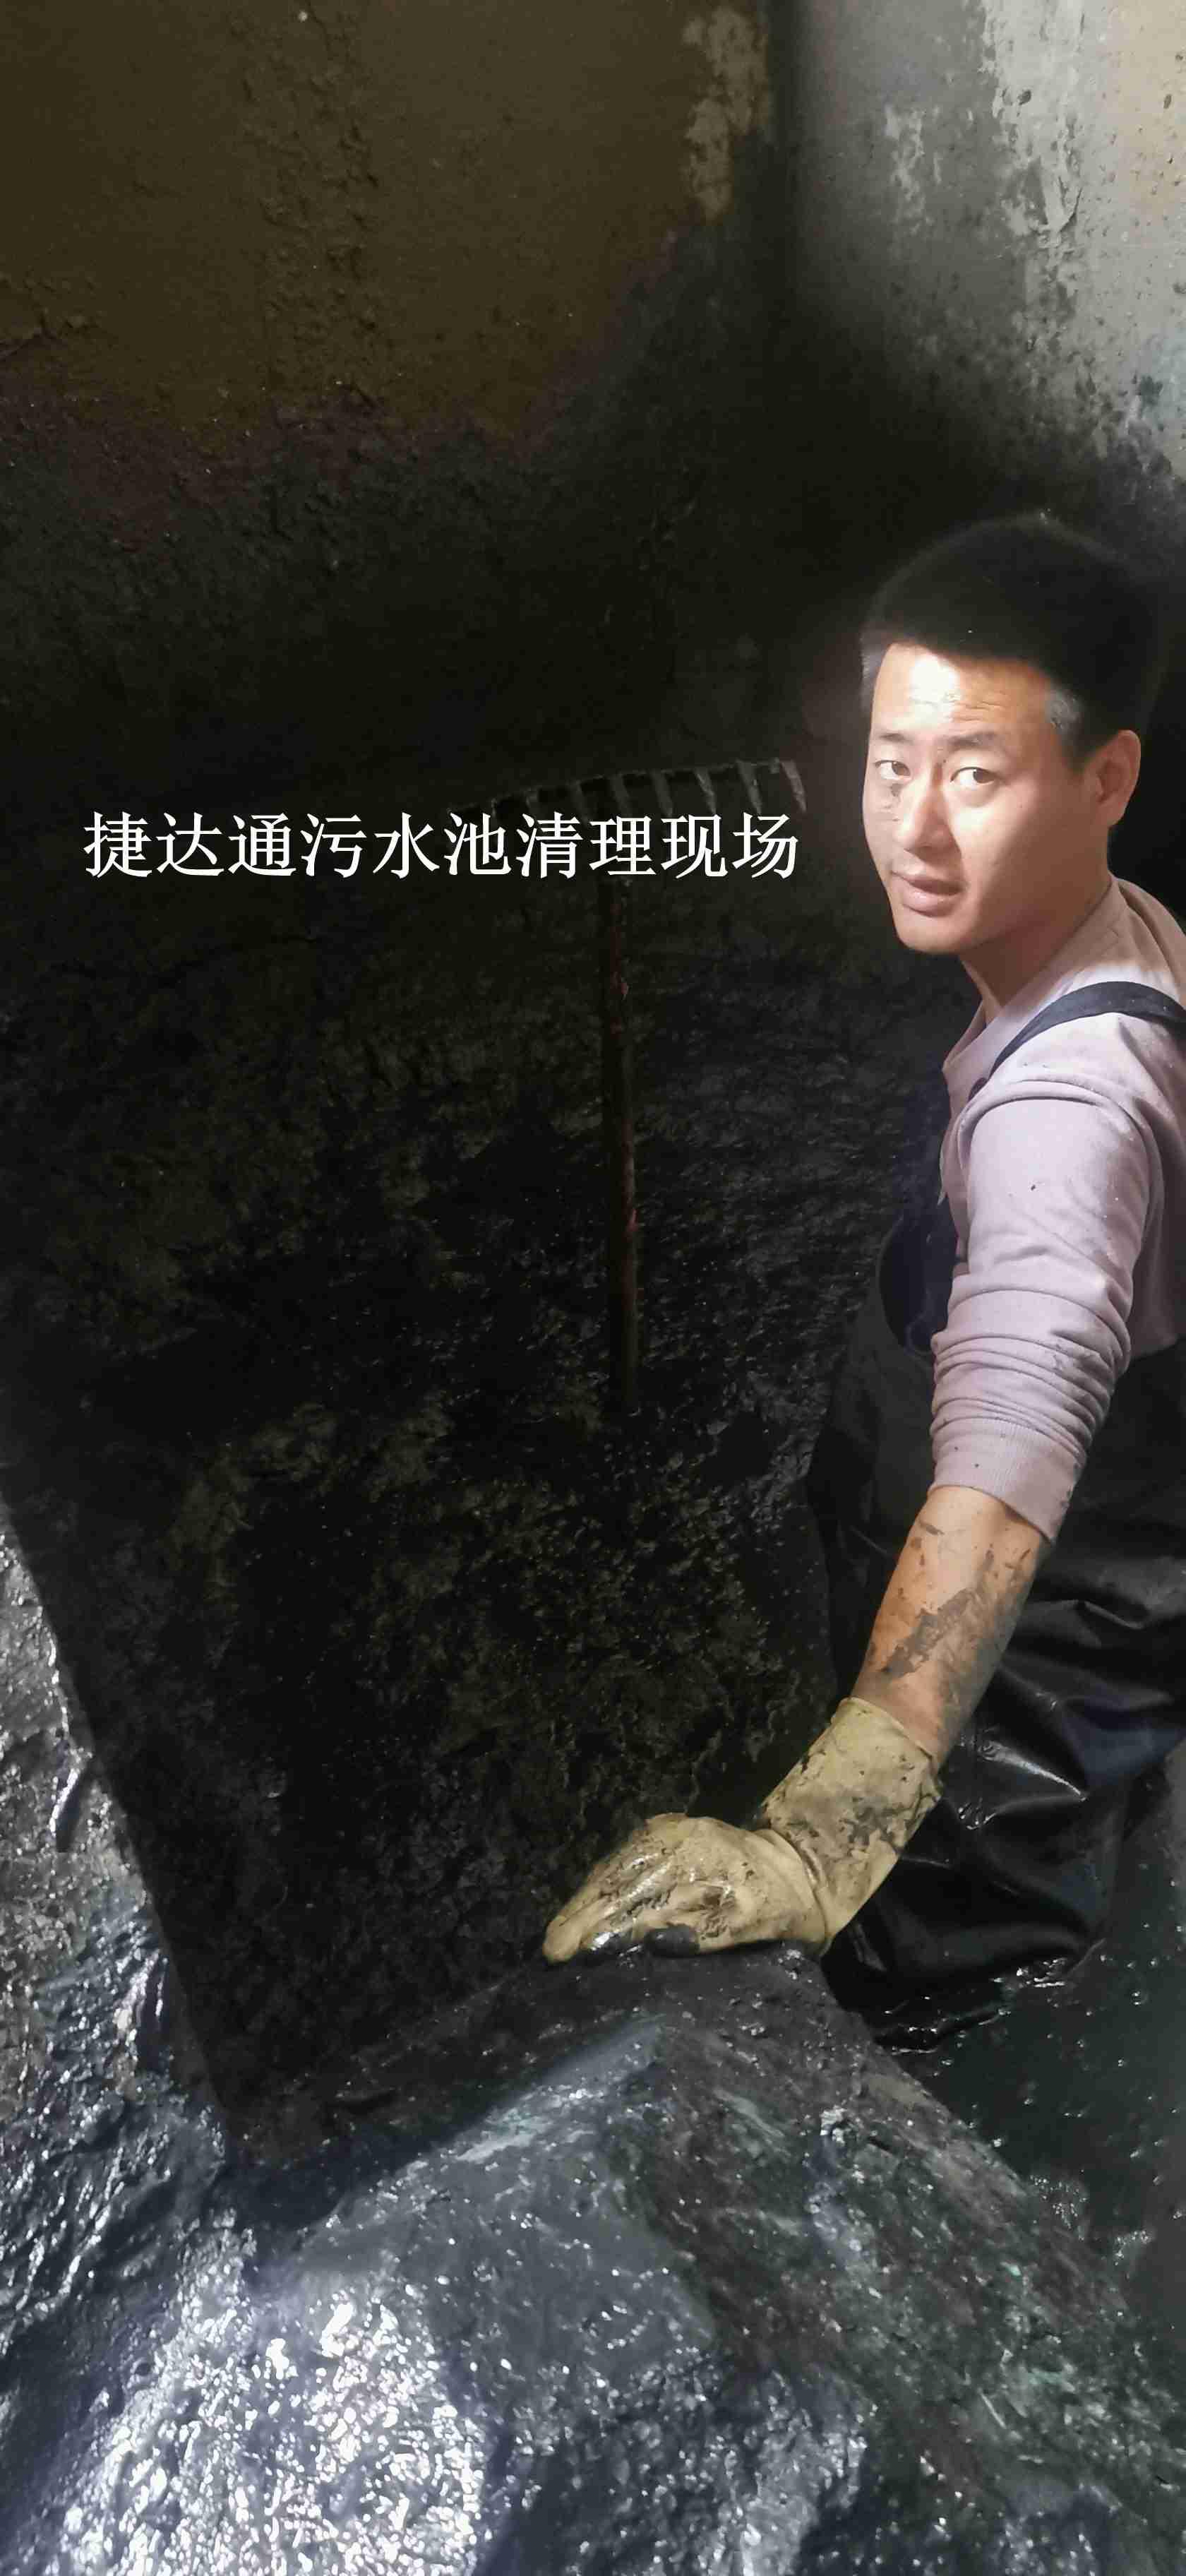 安全作业-徐州市雨水池清理科学处理方法【捷达通】